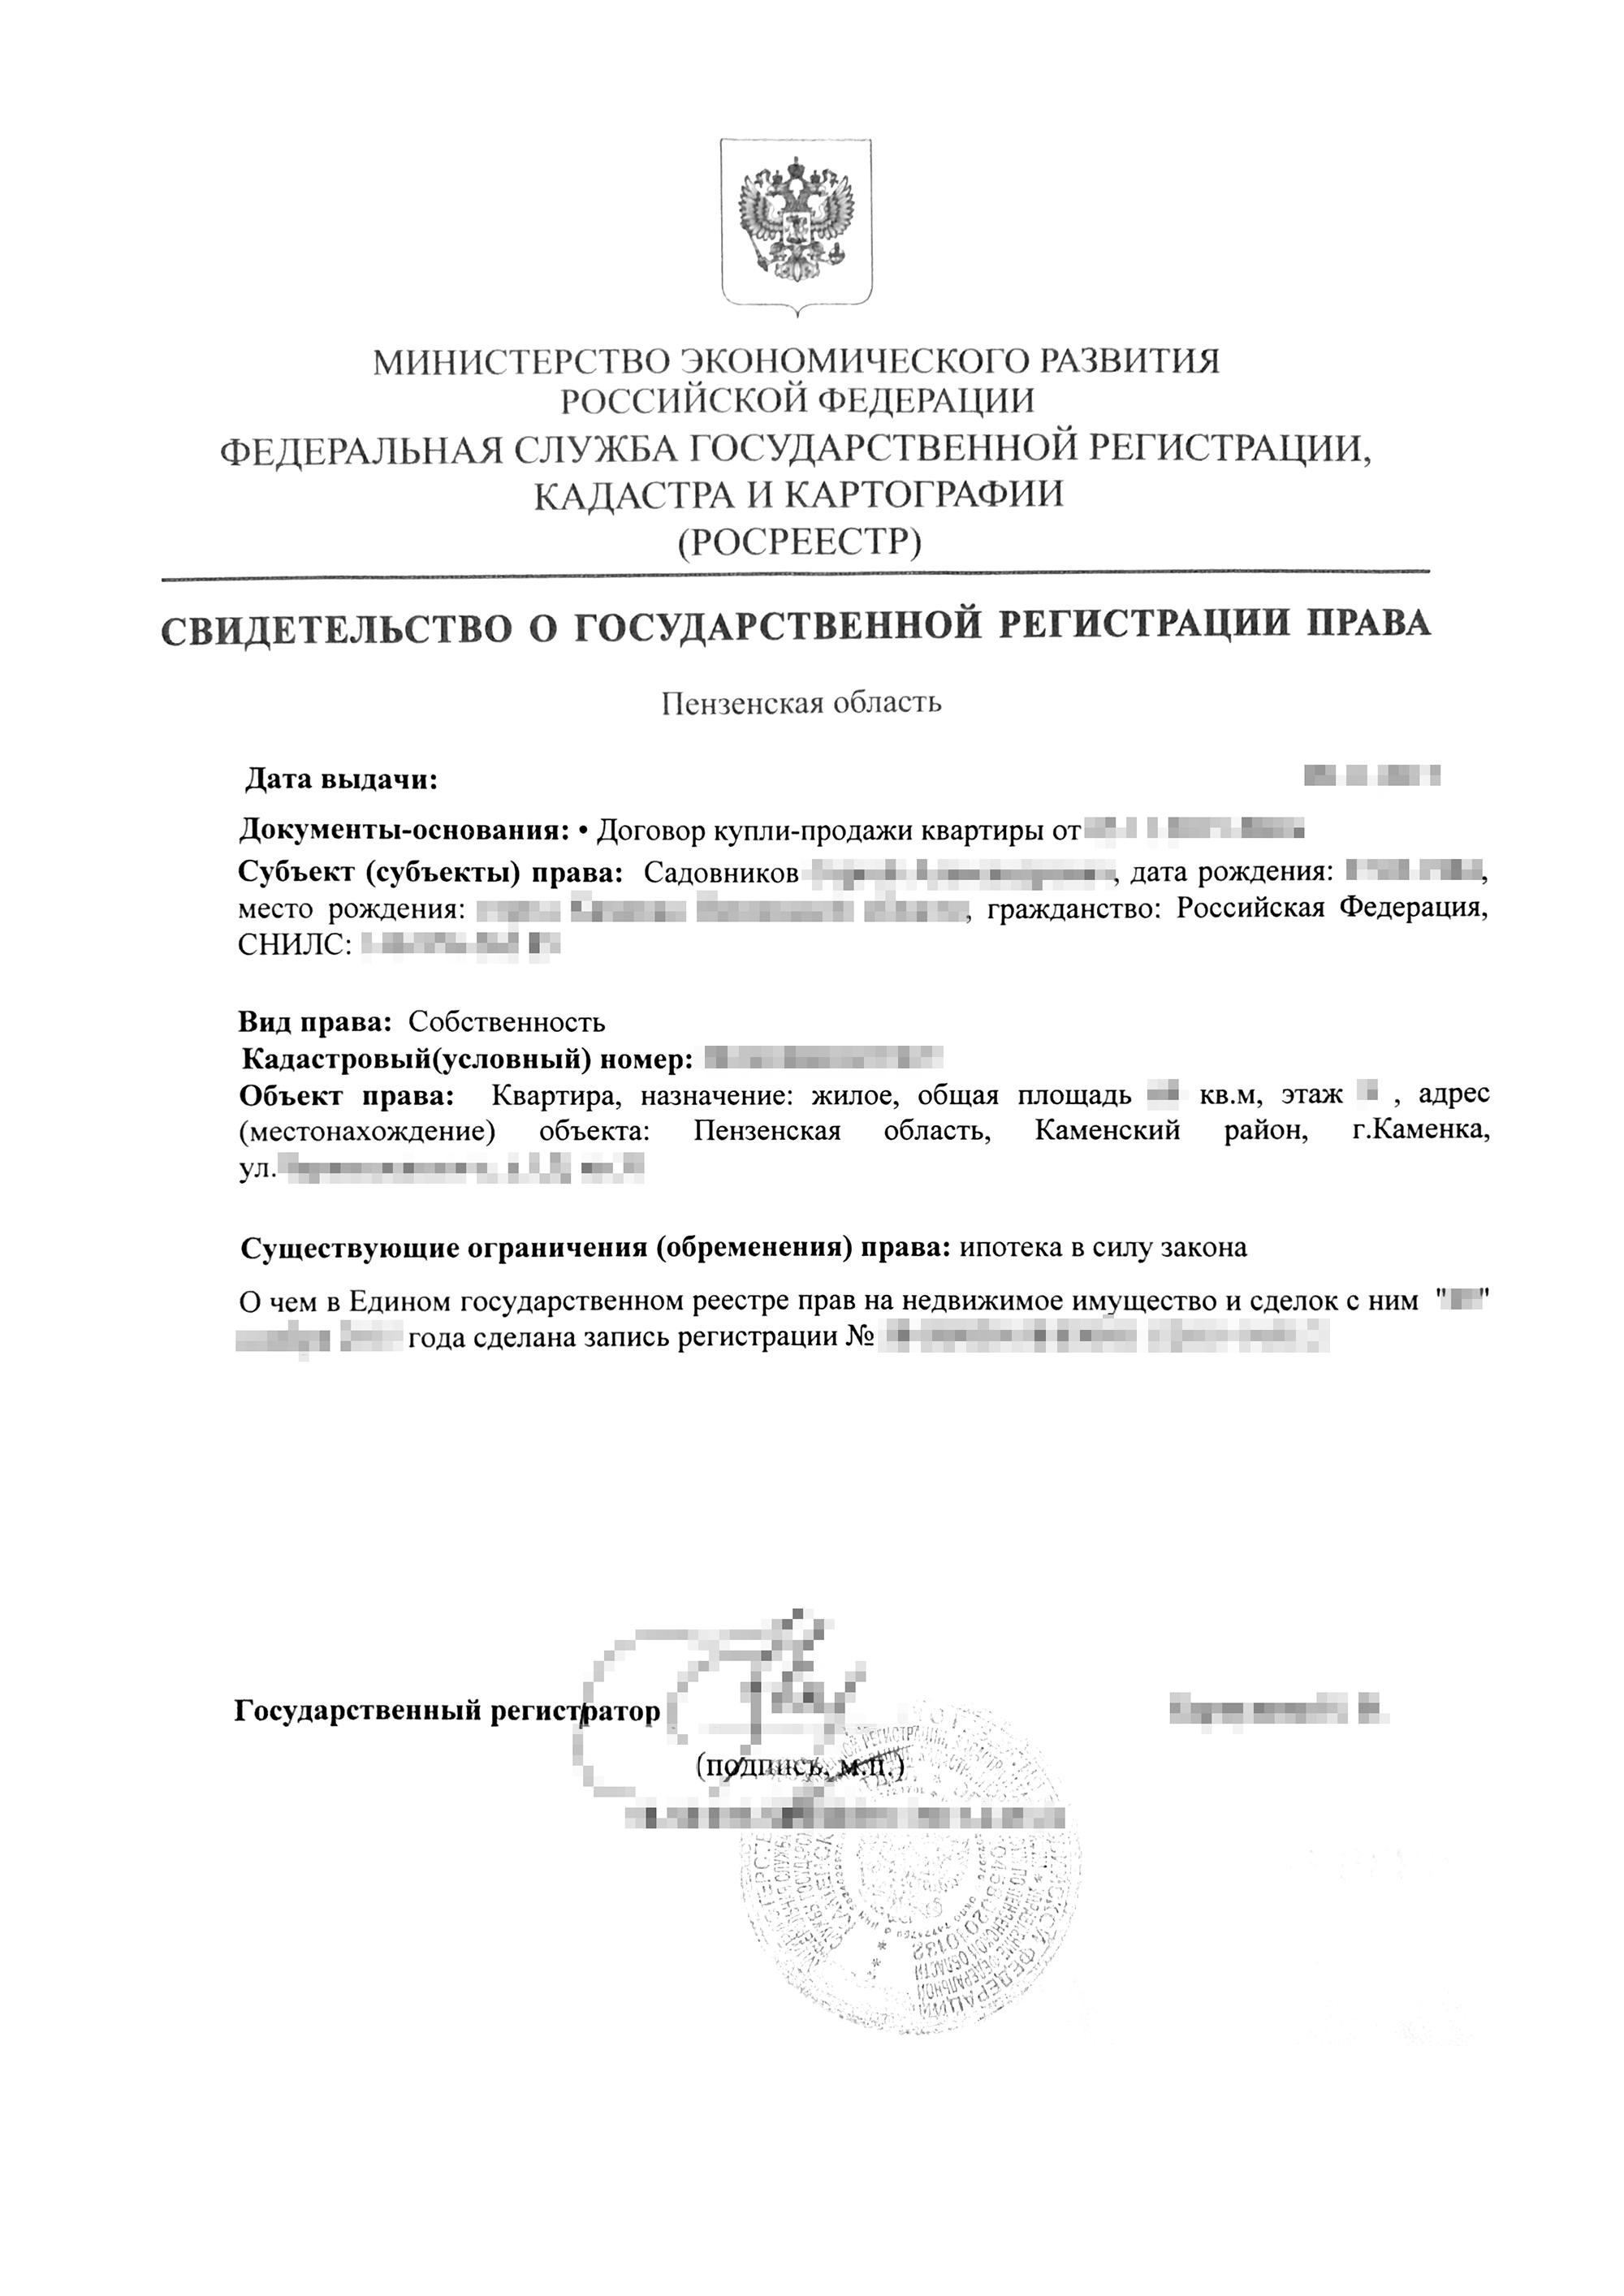 Свидетельство о регистрации права собственности брата на квартиру